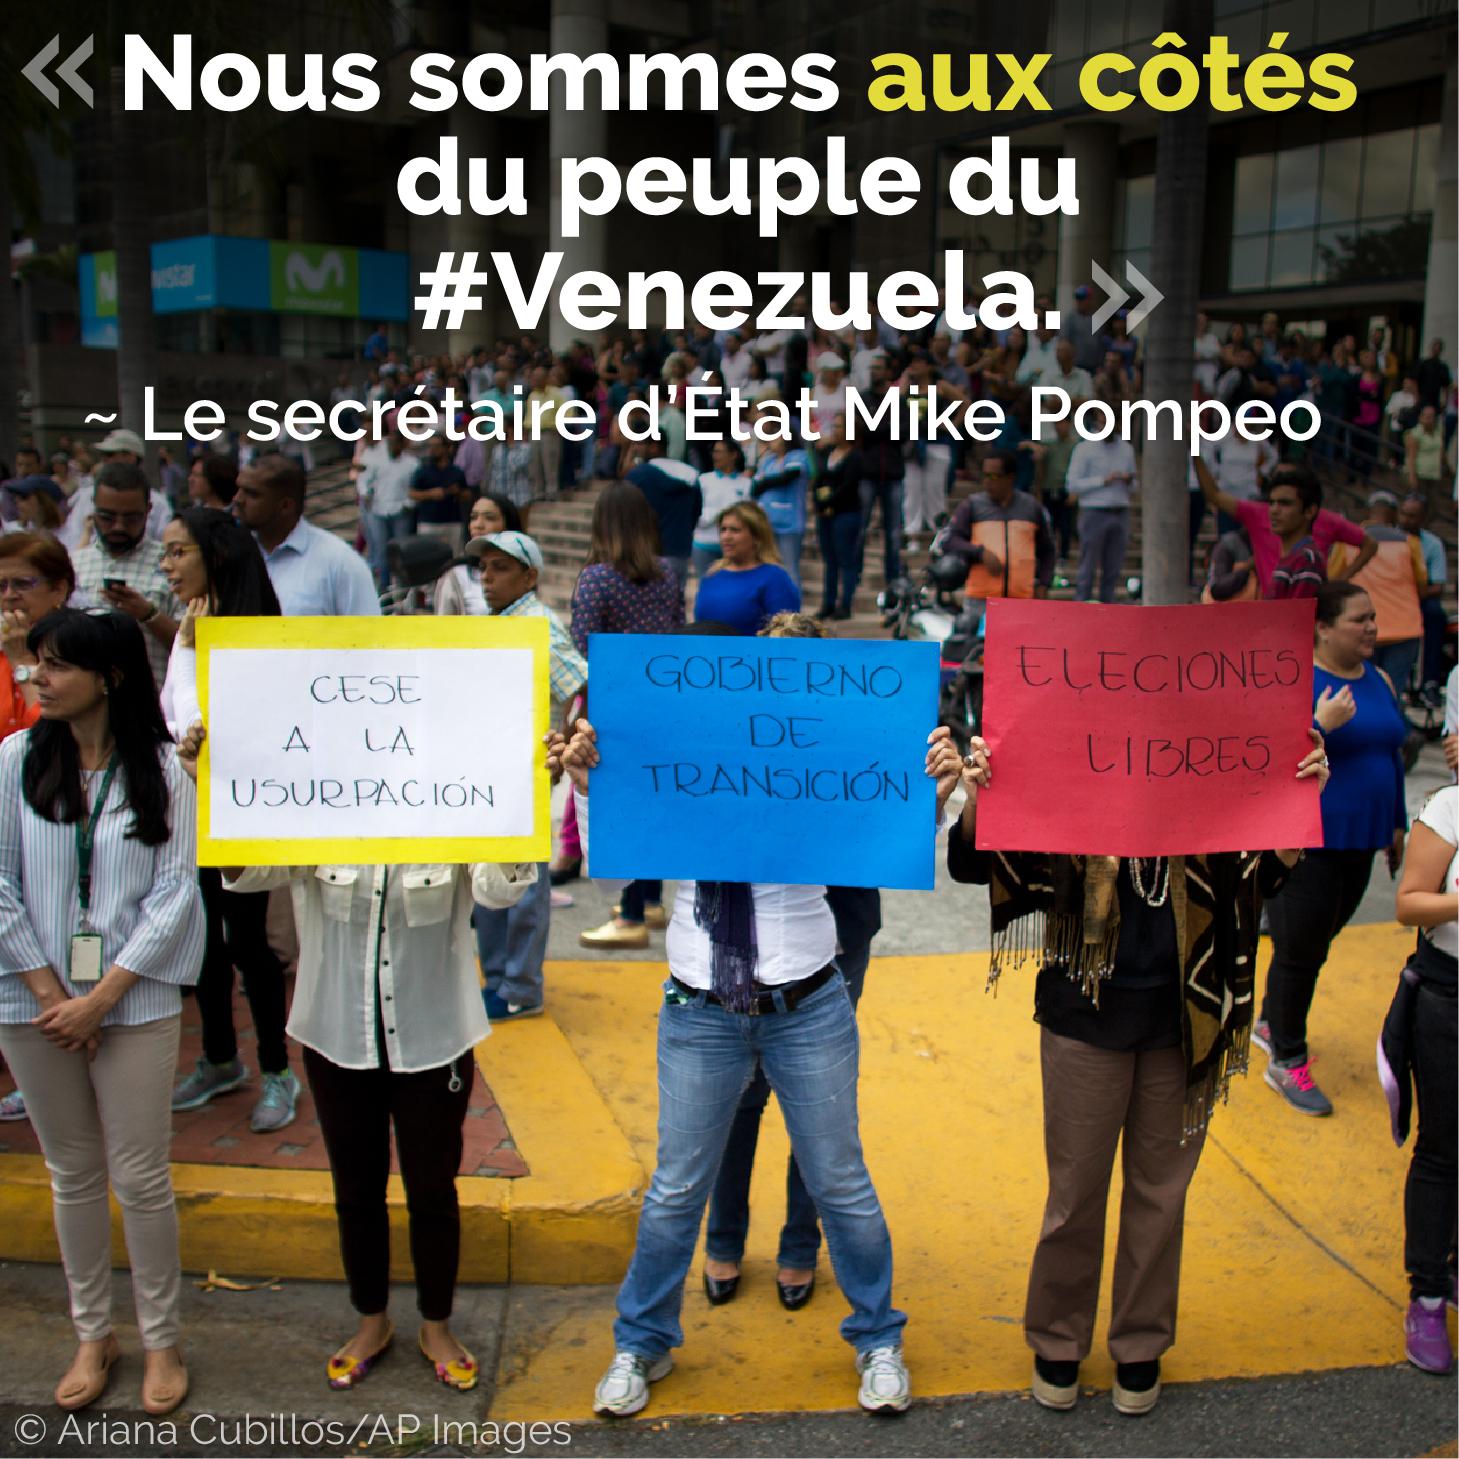 Des gens brandissant des messages de protestation, avec une citation du secrétaire d'État Pompeo sur l'image (© Ariana Cubillos/AP Images)